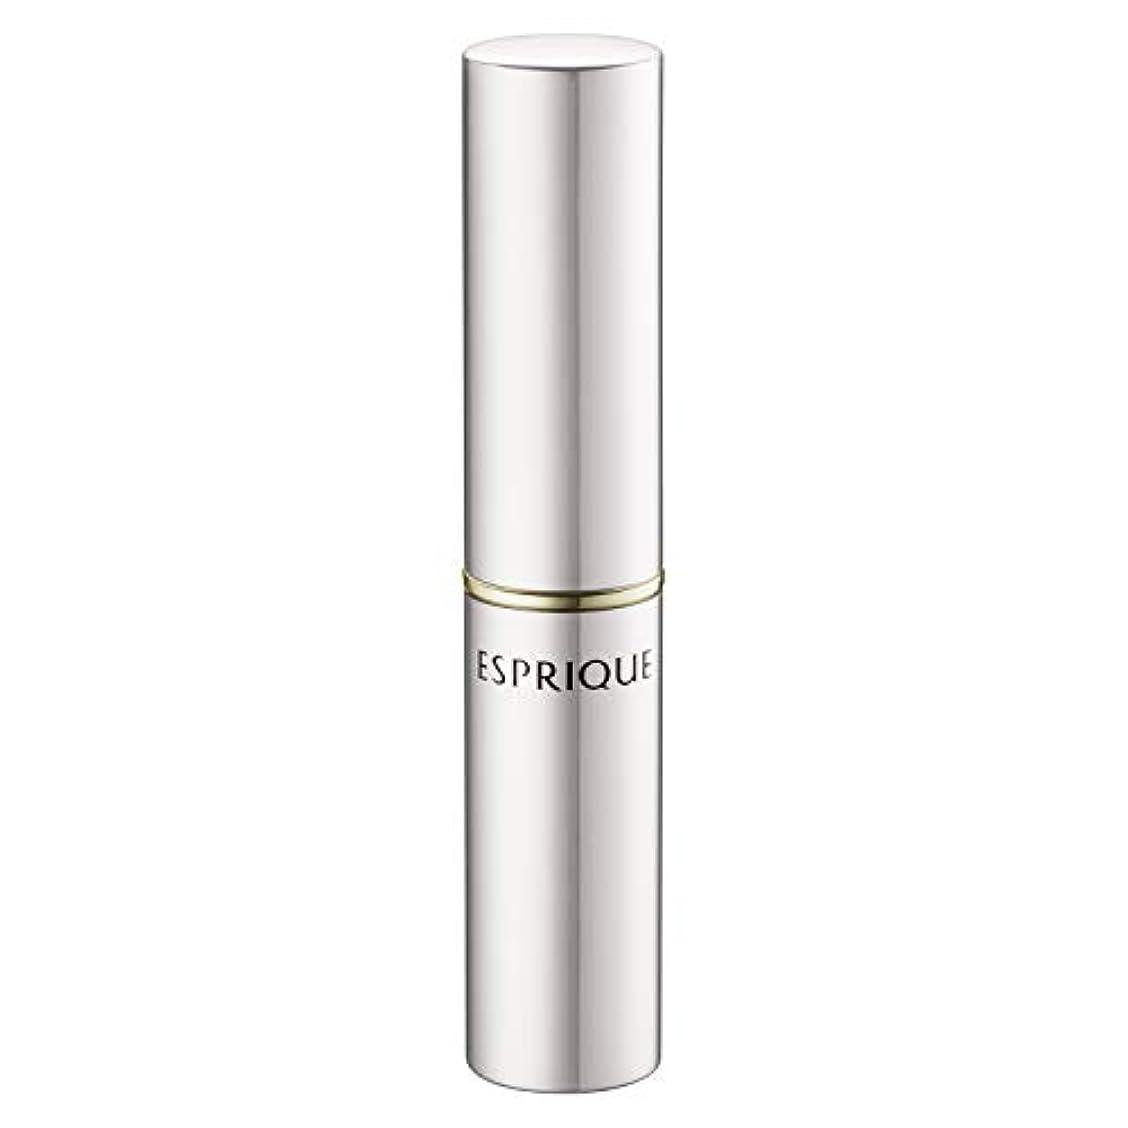 ダイヤモンド社員前提条件エスプリーク フィットアップ コンシーラー UV 02 ナチュラル 2.8g